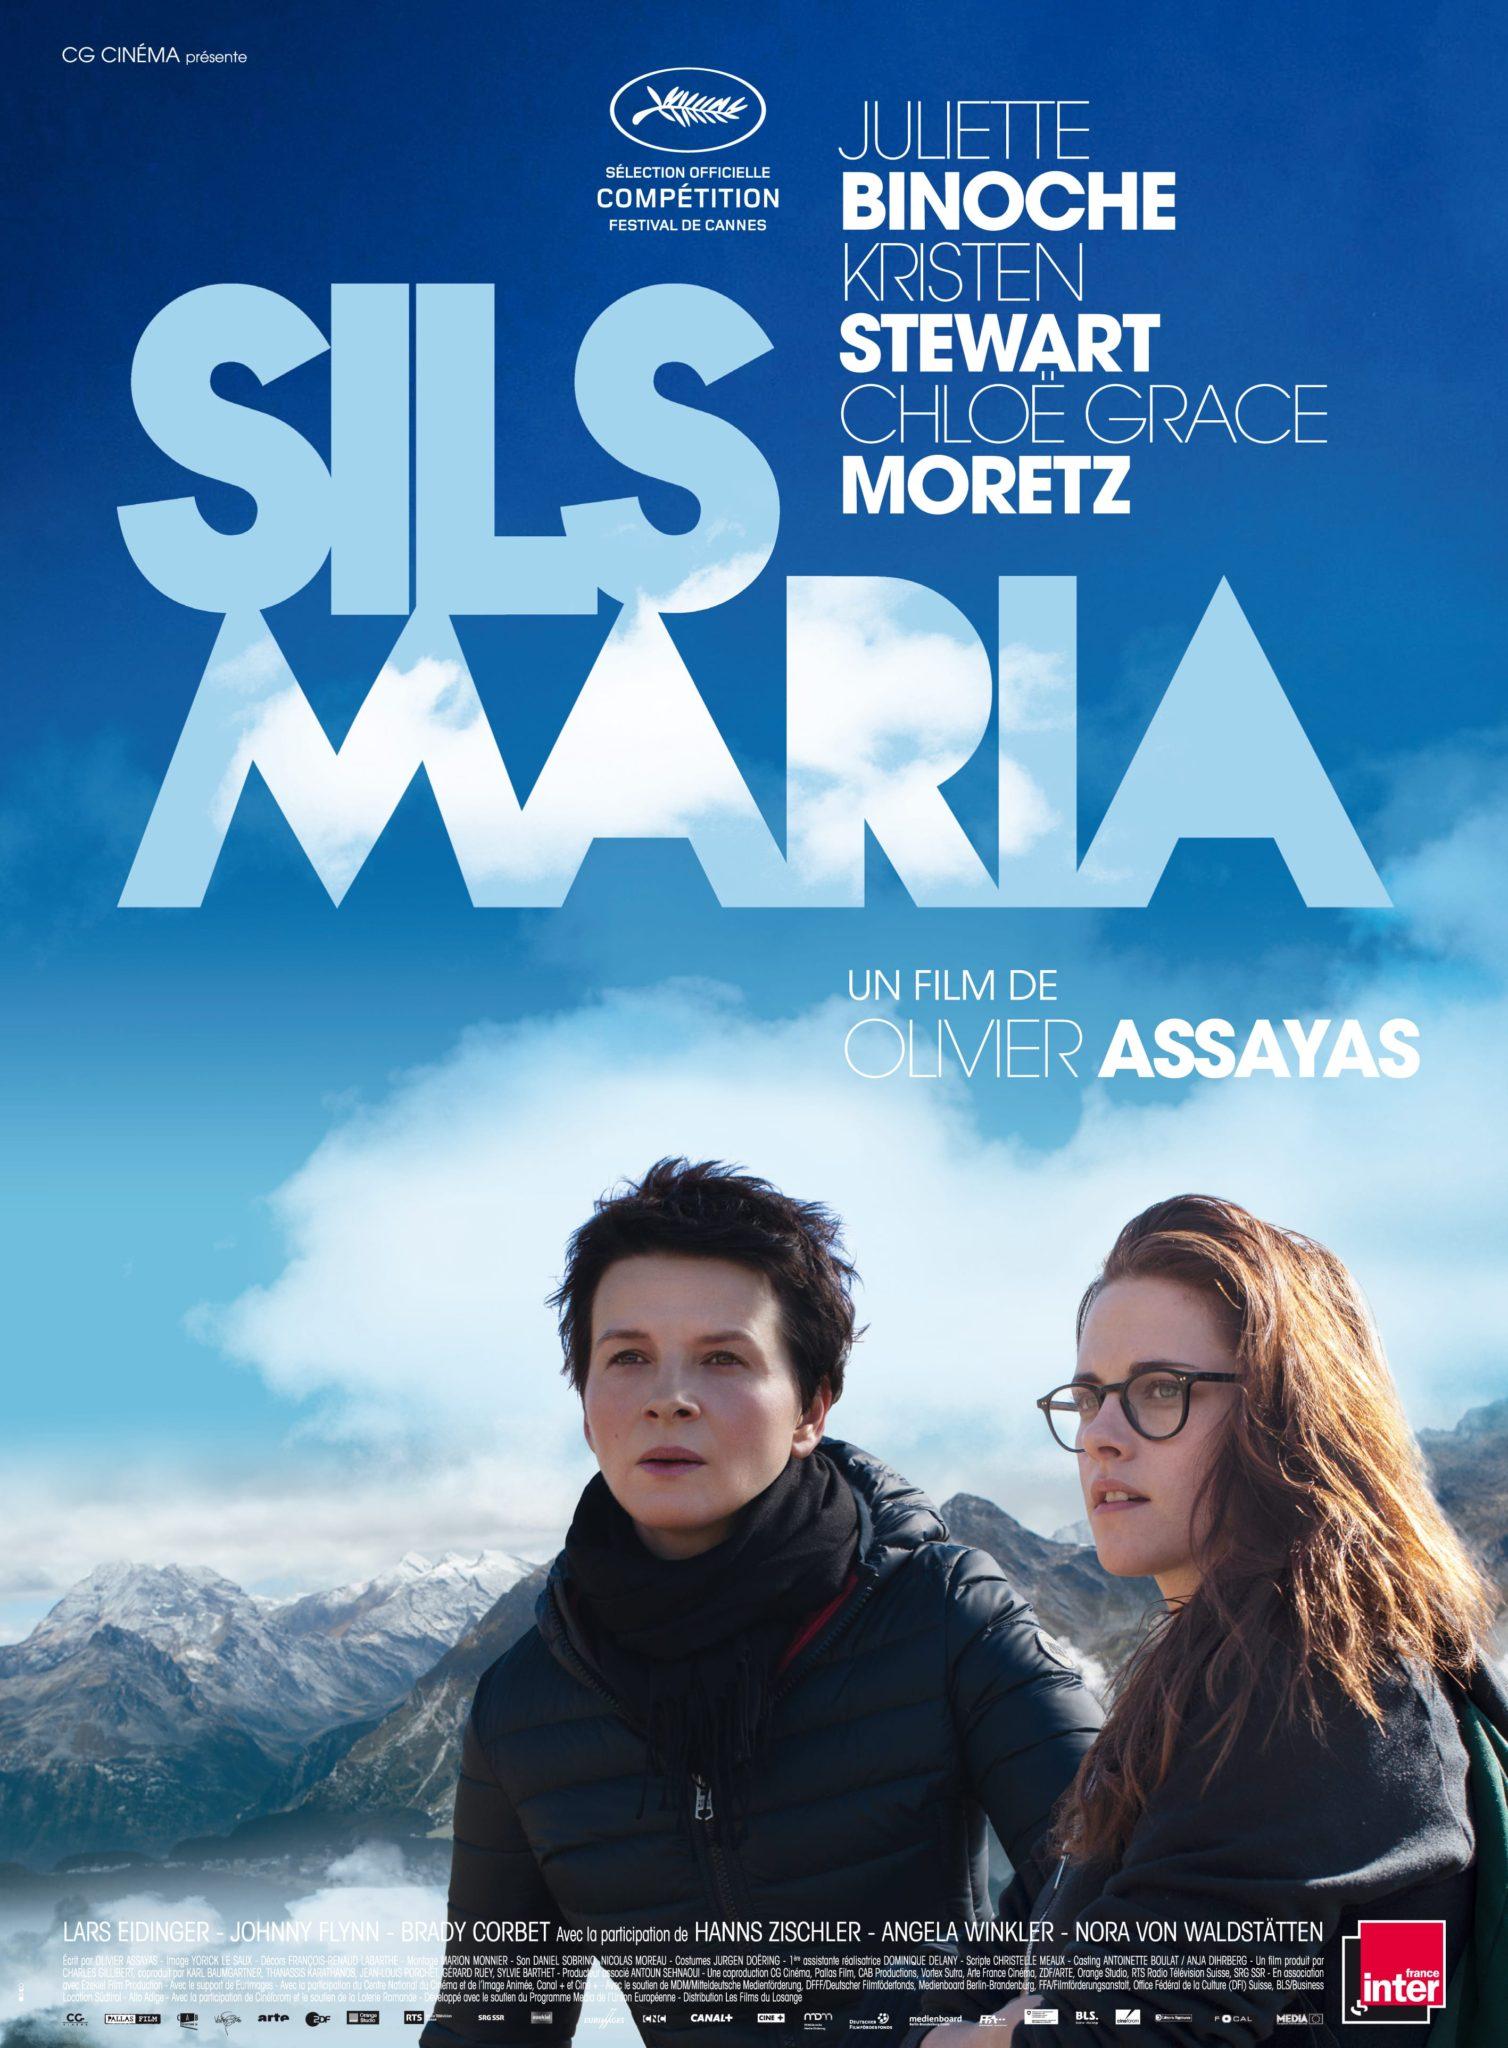 Sils Maria d'Olivier Assayas affiche